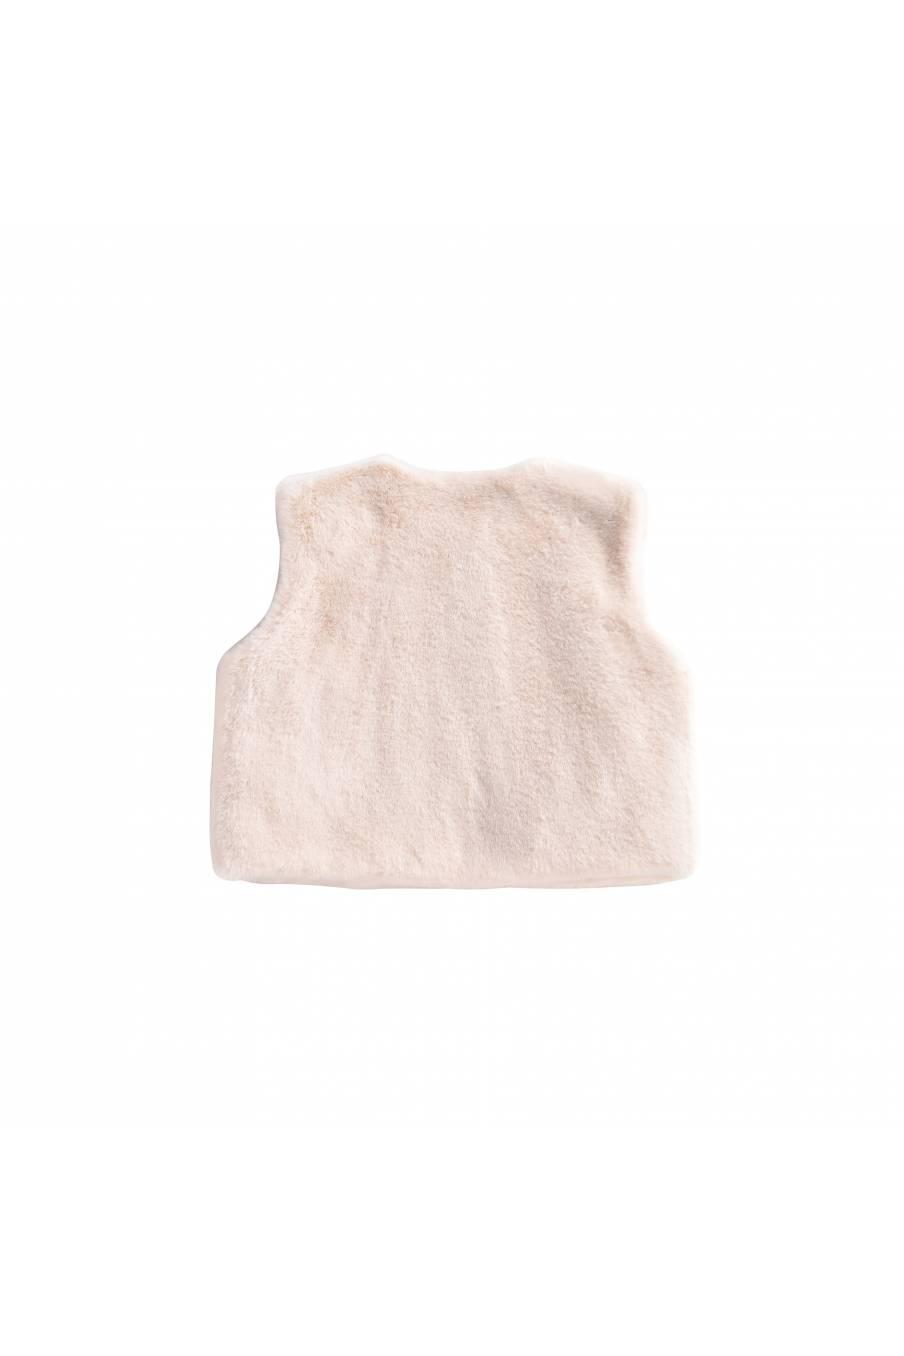 boheme chic vintage gilet bébé fille bianca crème